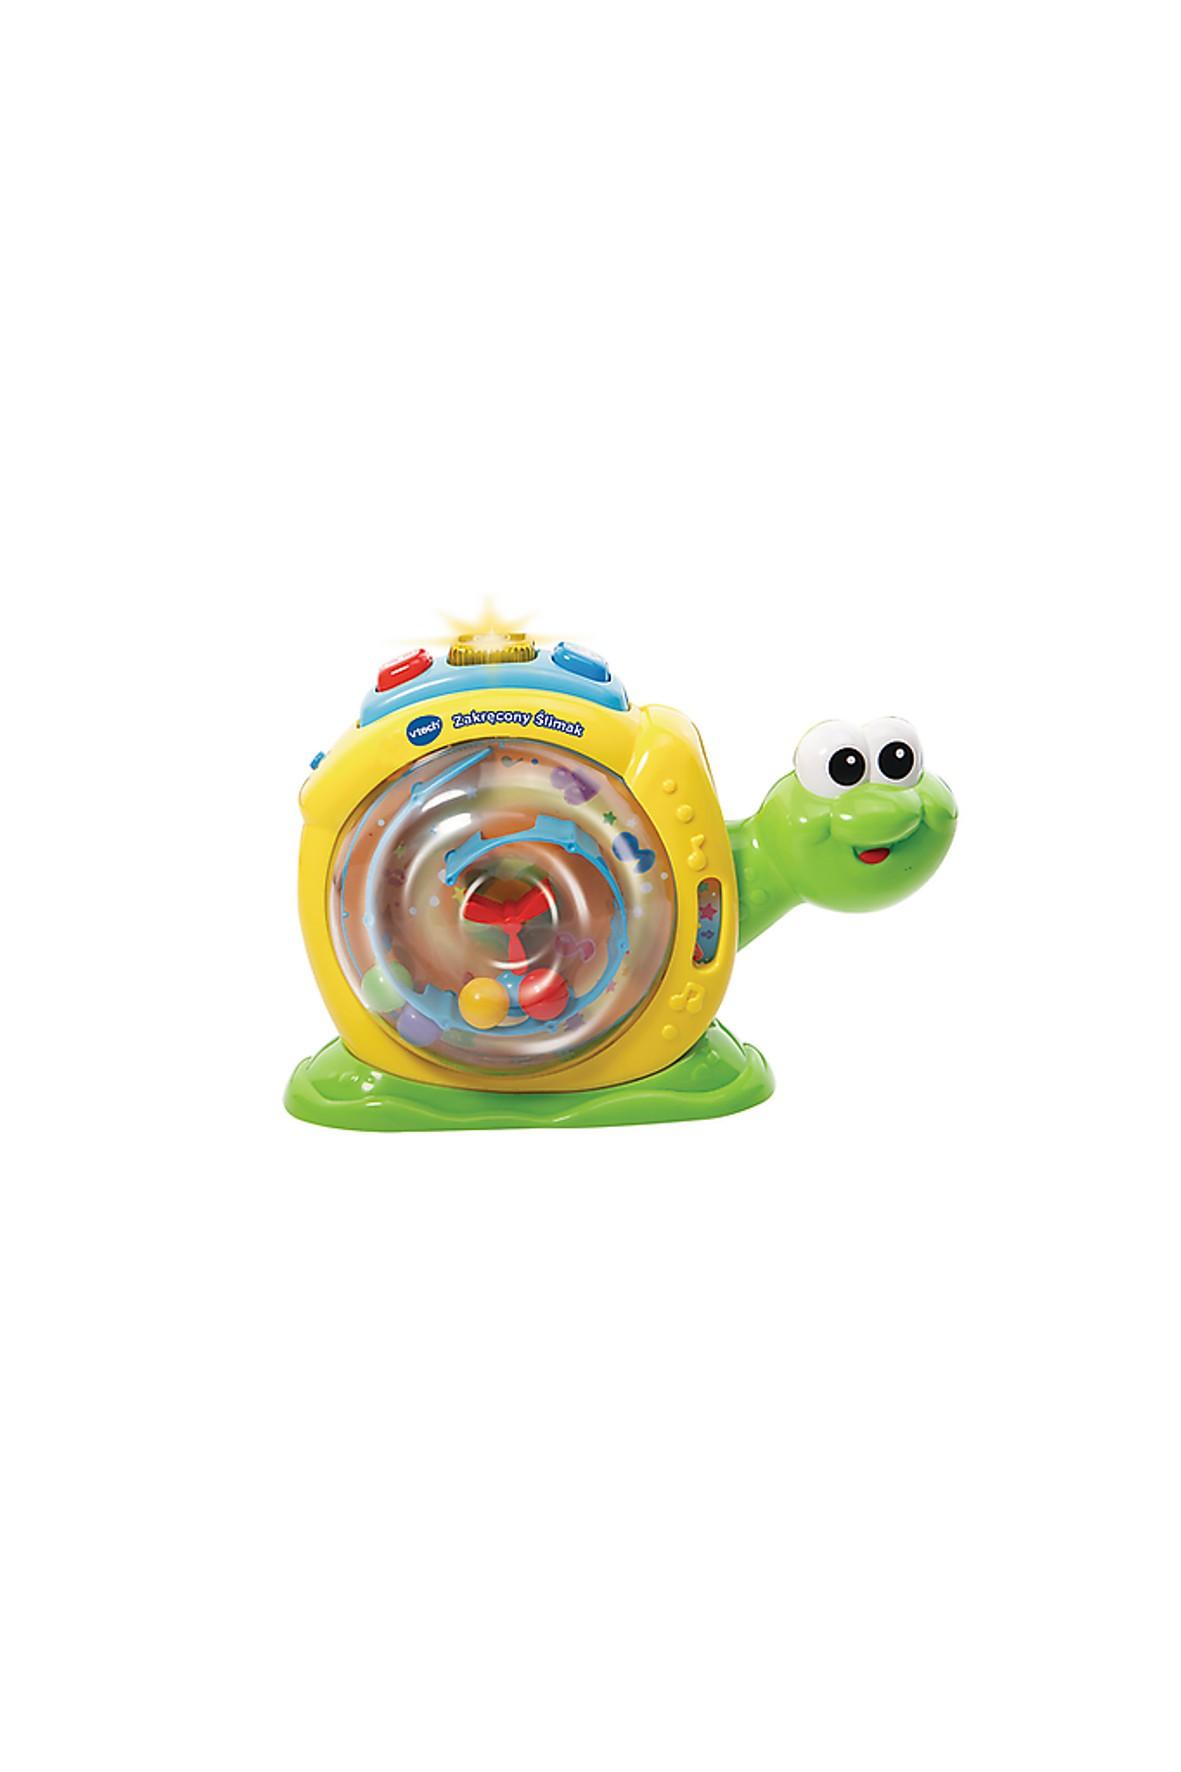 ZakręconyŚlimak-zabawka edukacyjna